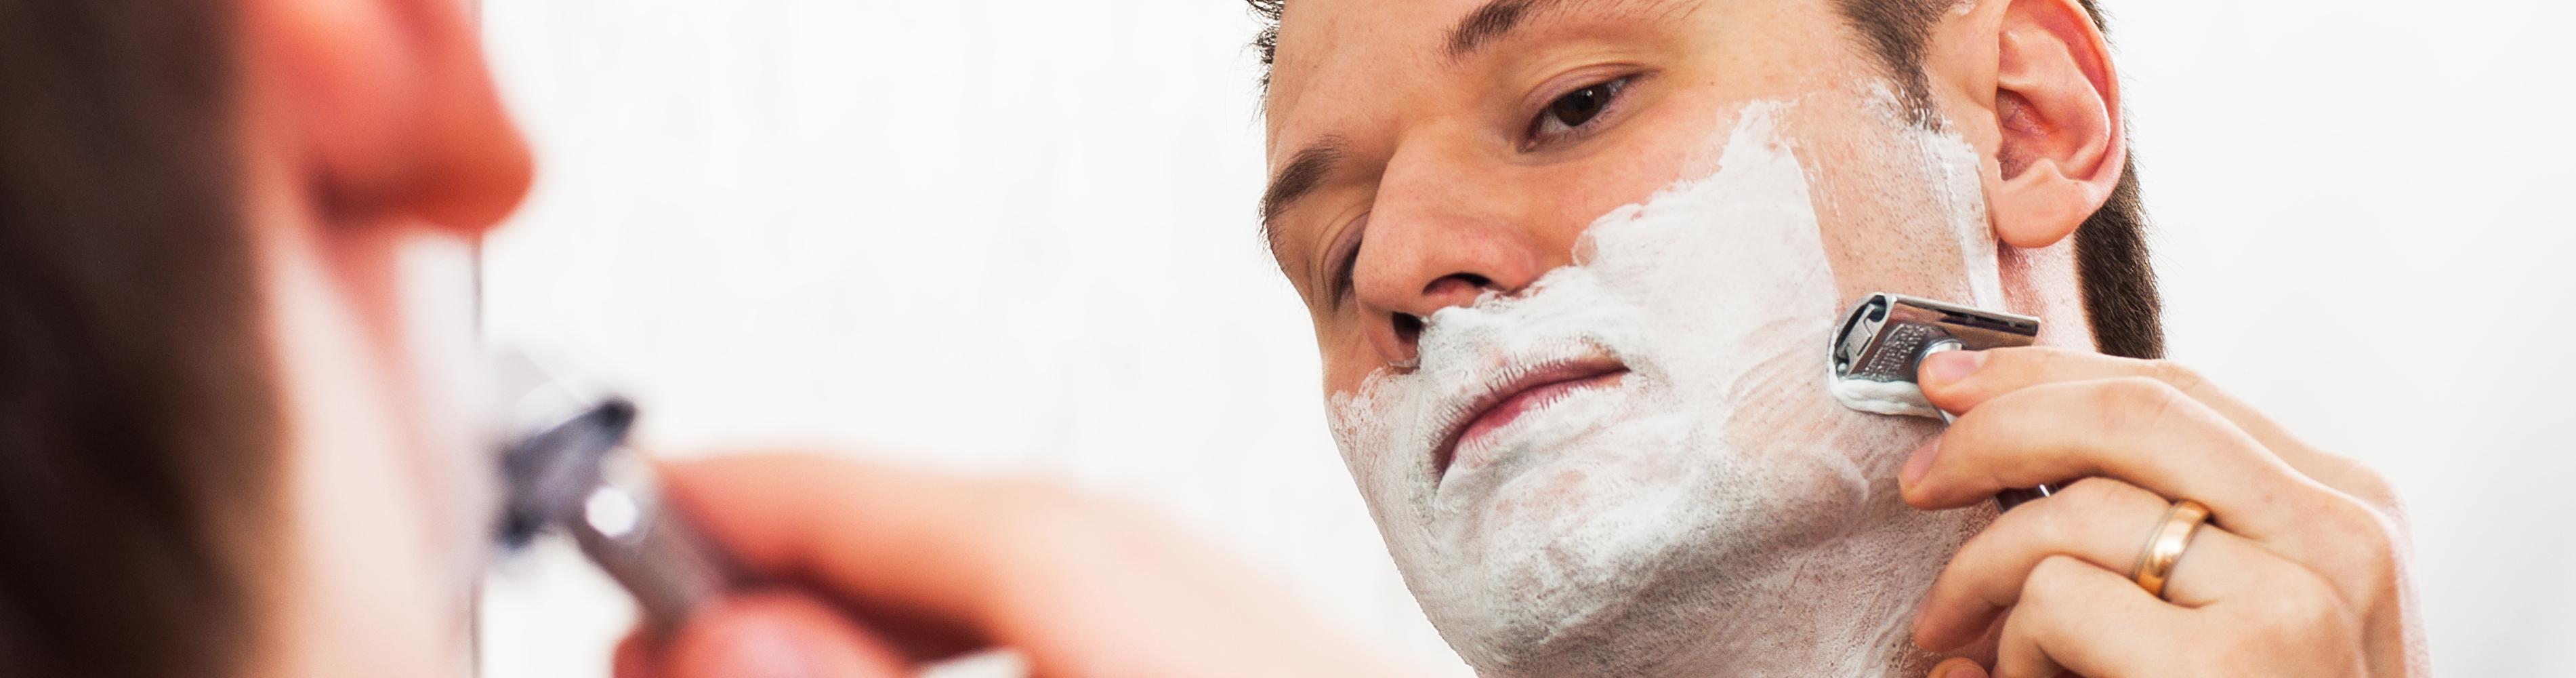 Top 6 meest verkochte safety razors